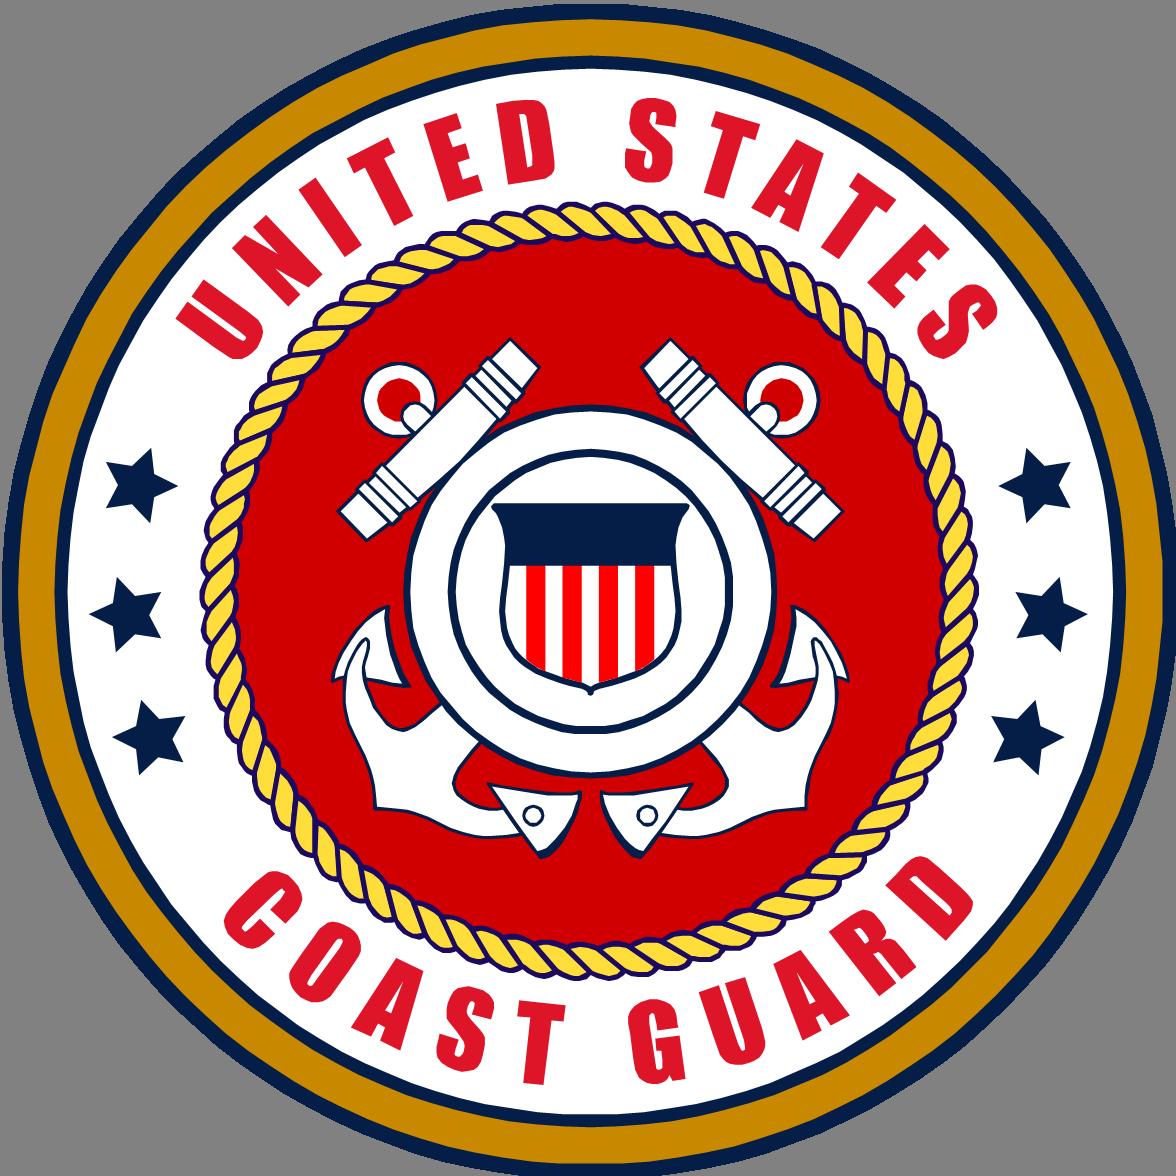 U s emblem coastguard. Sailor clipart uniform coast guard